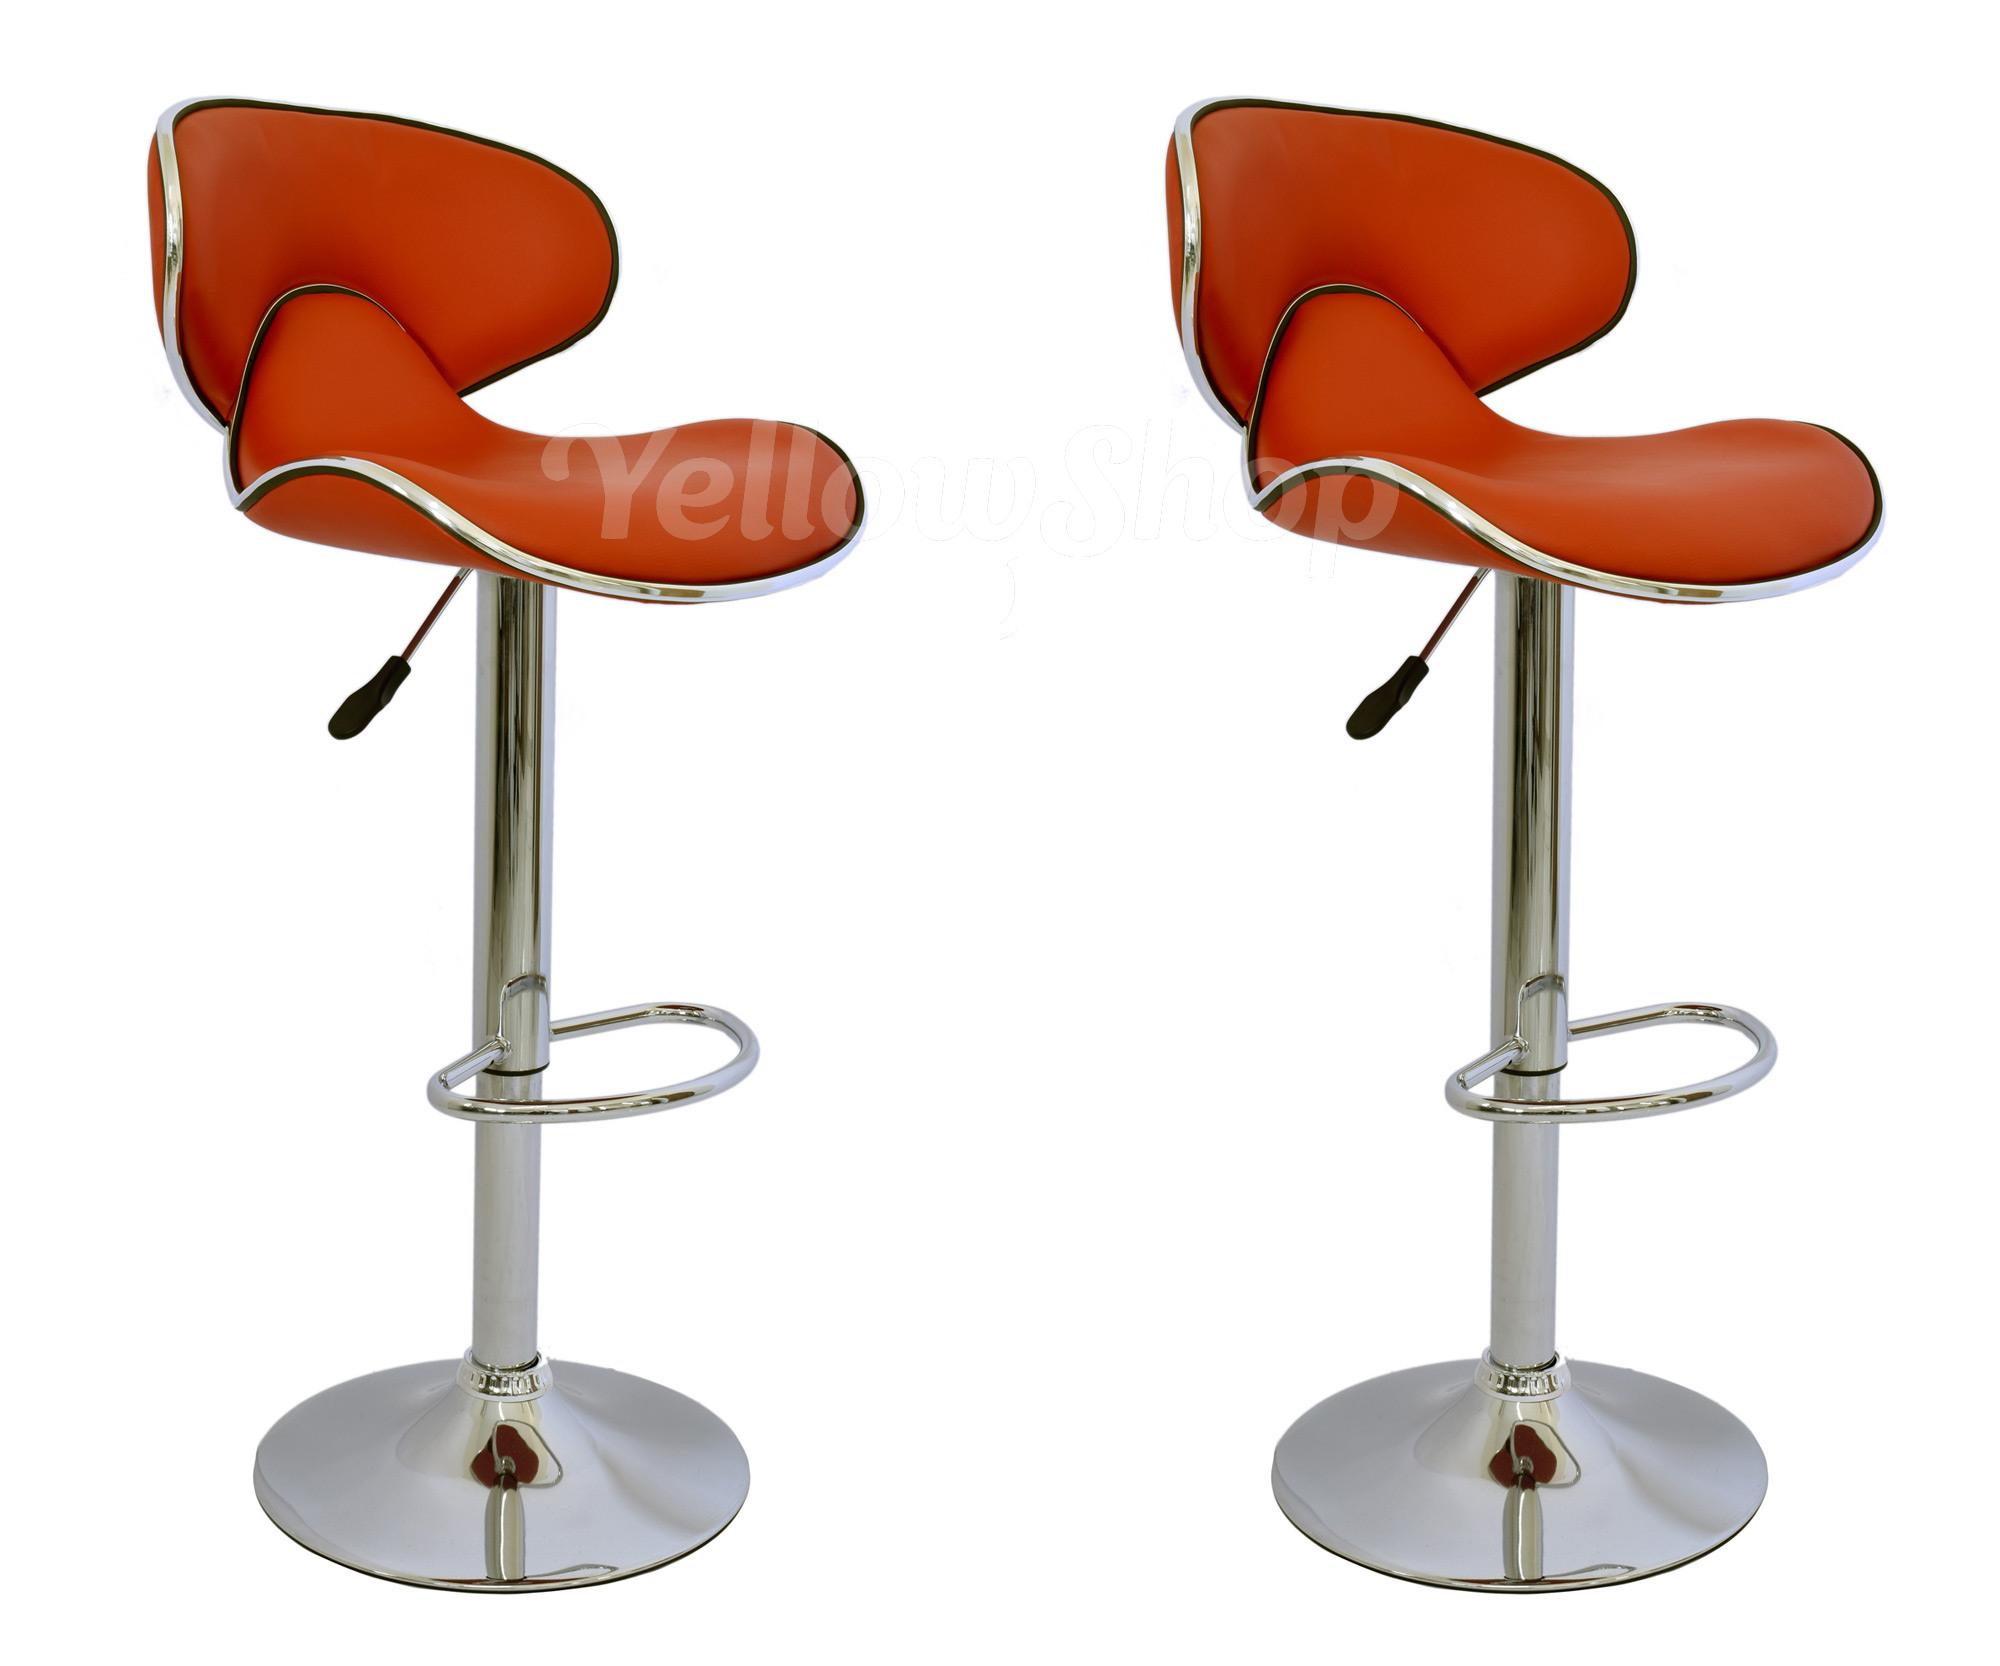 Coppia sgabelli ecopelle sgabello rosso cromo ergonomico bar